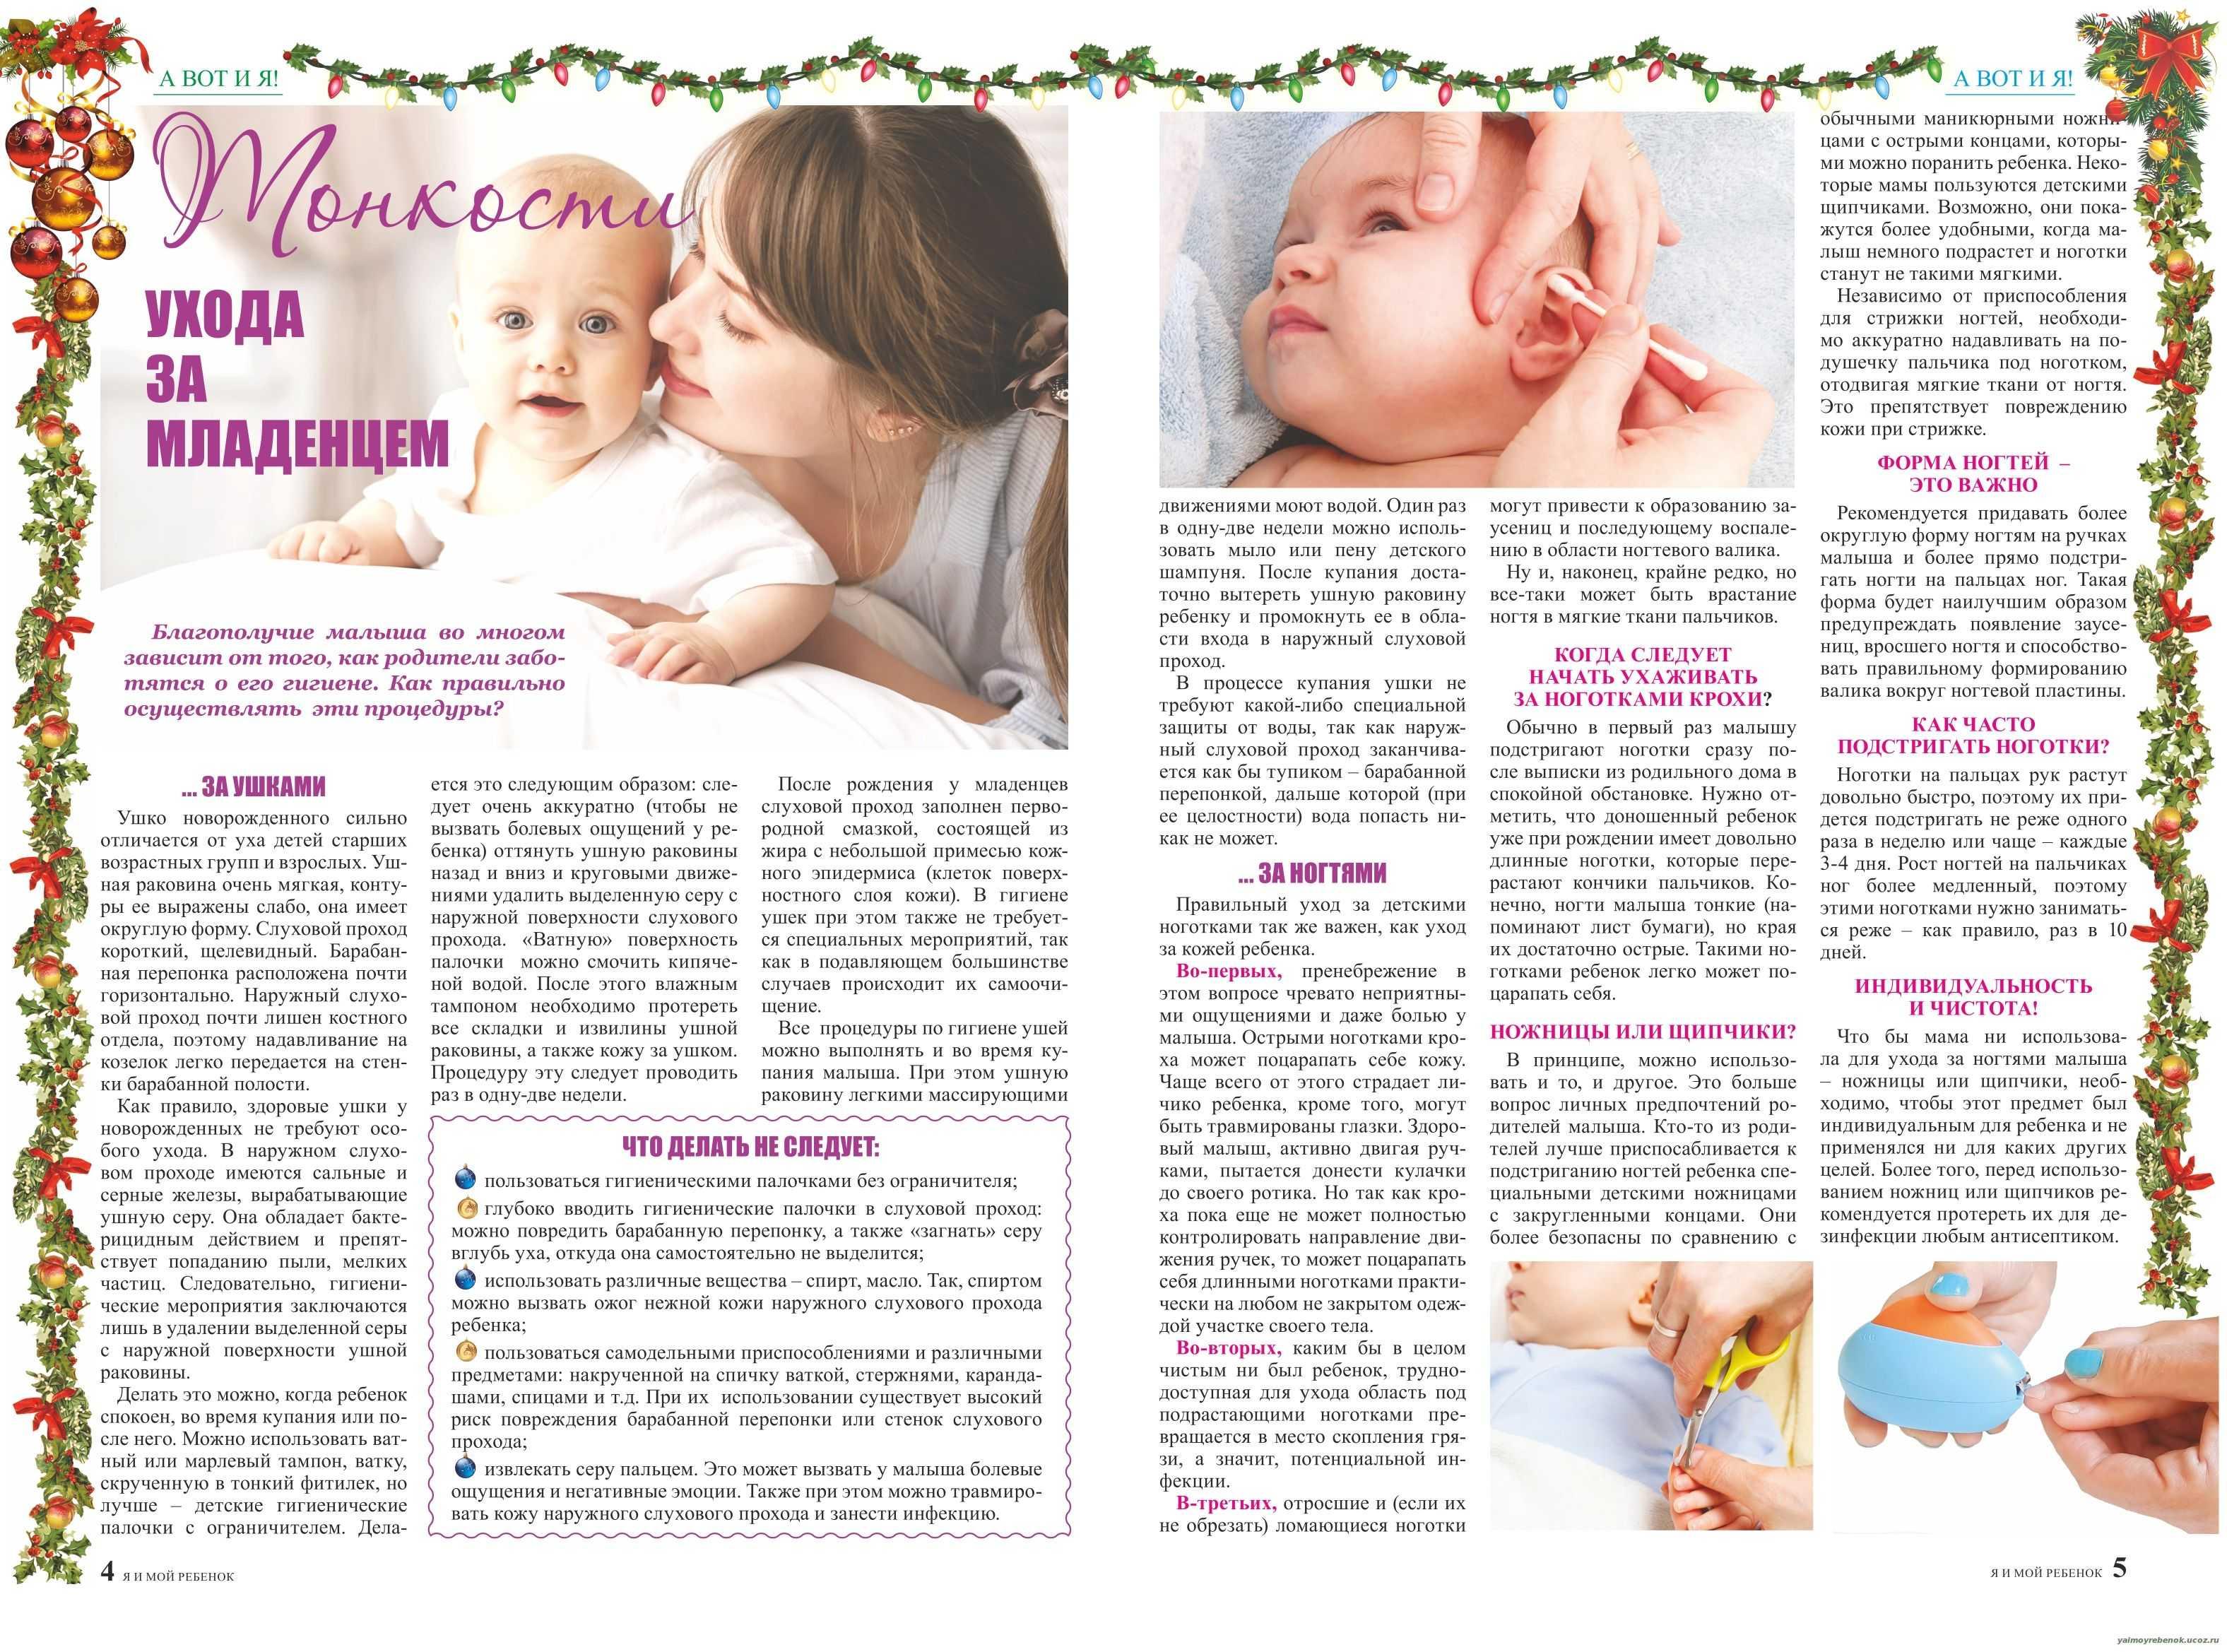 Первые дни мамы и малыша | после родов | мама и малыш в роддоме | кормление грудью | выписка из роддома